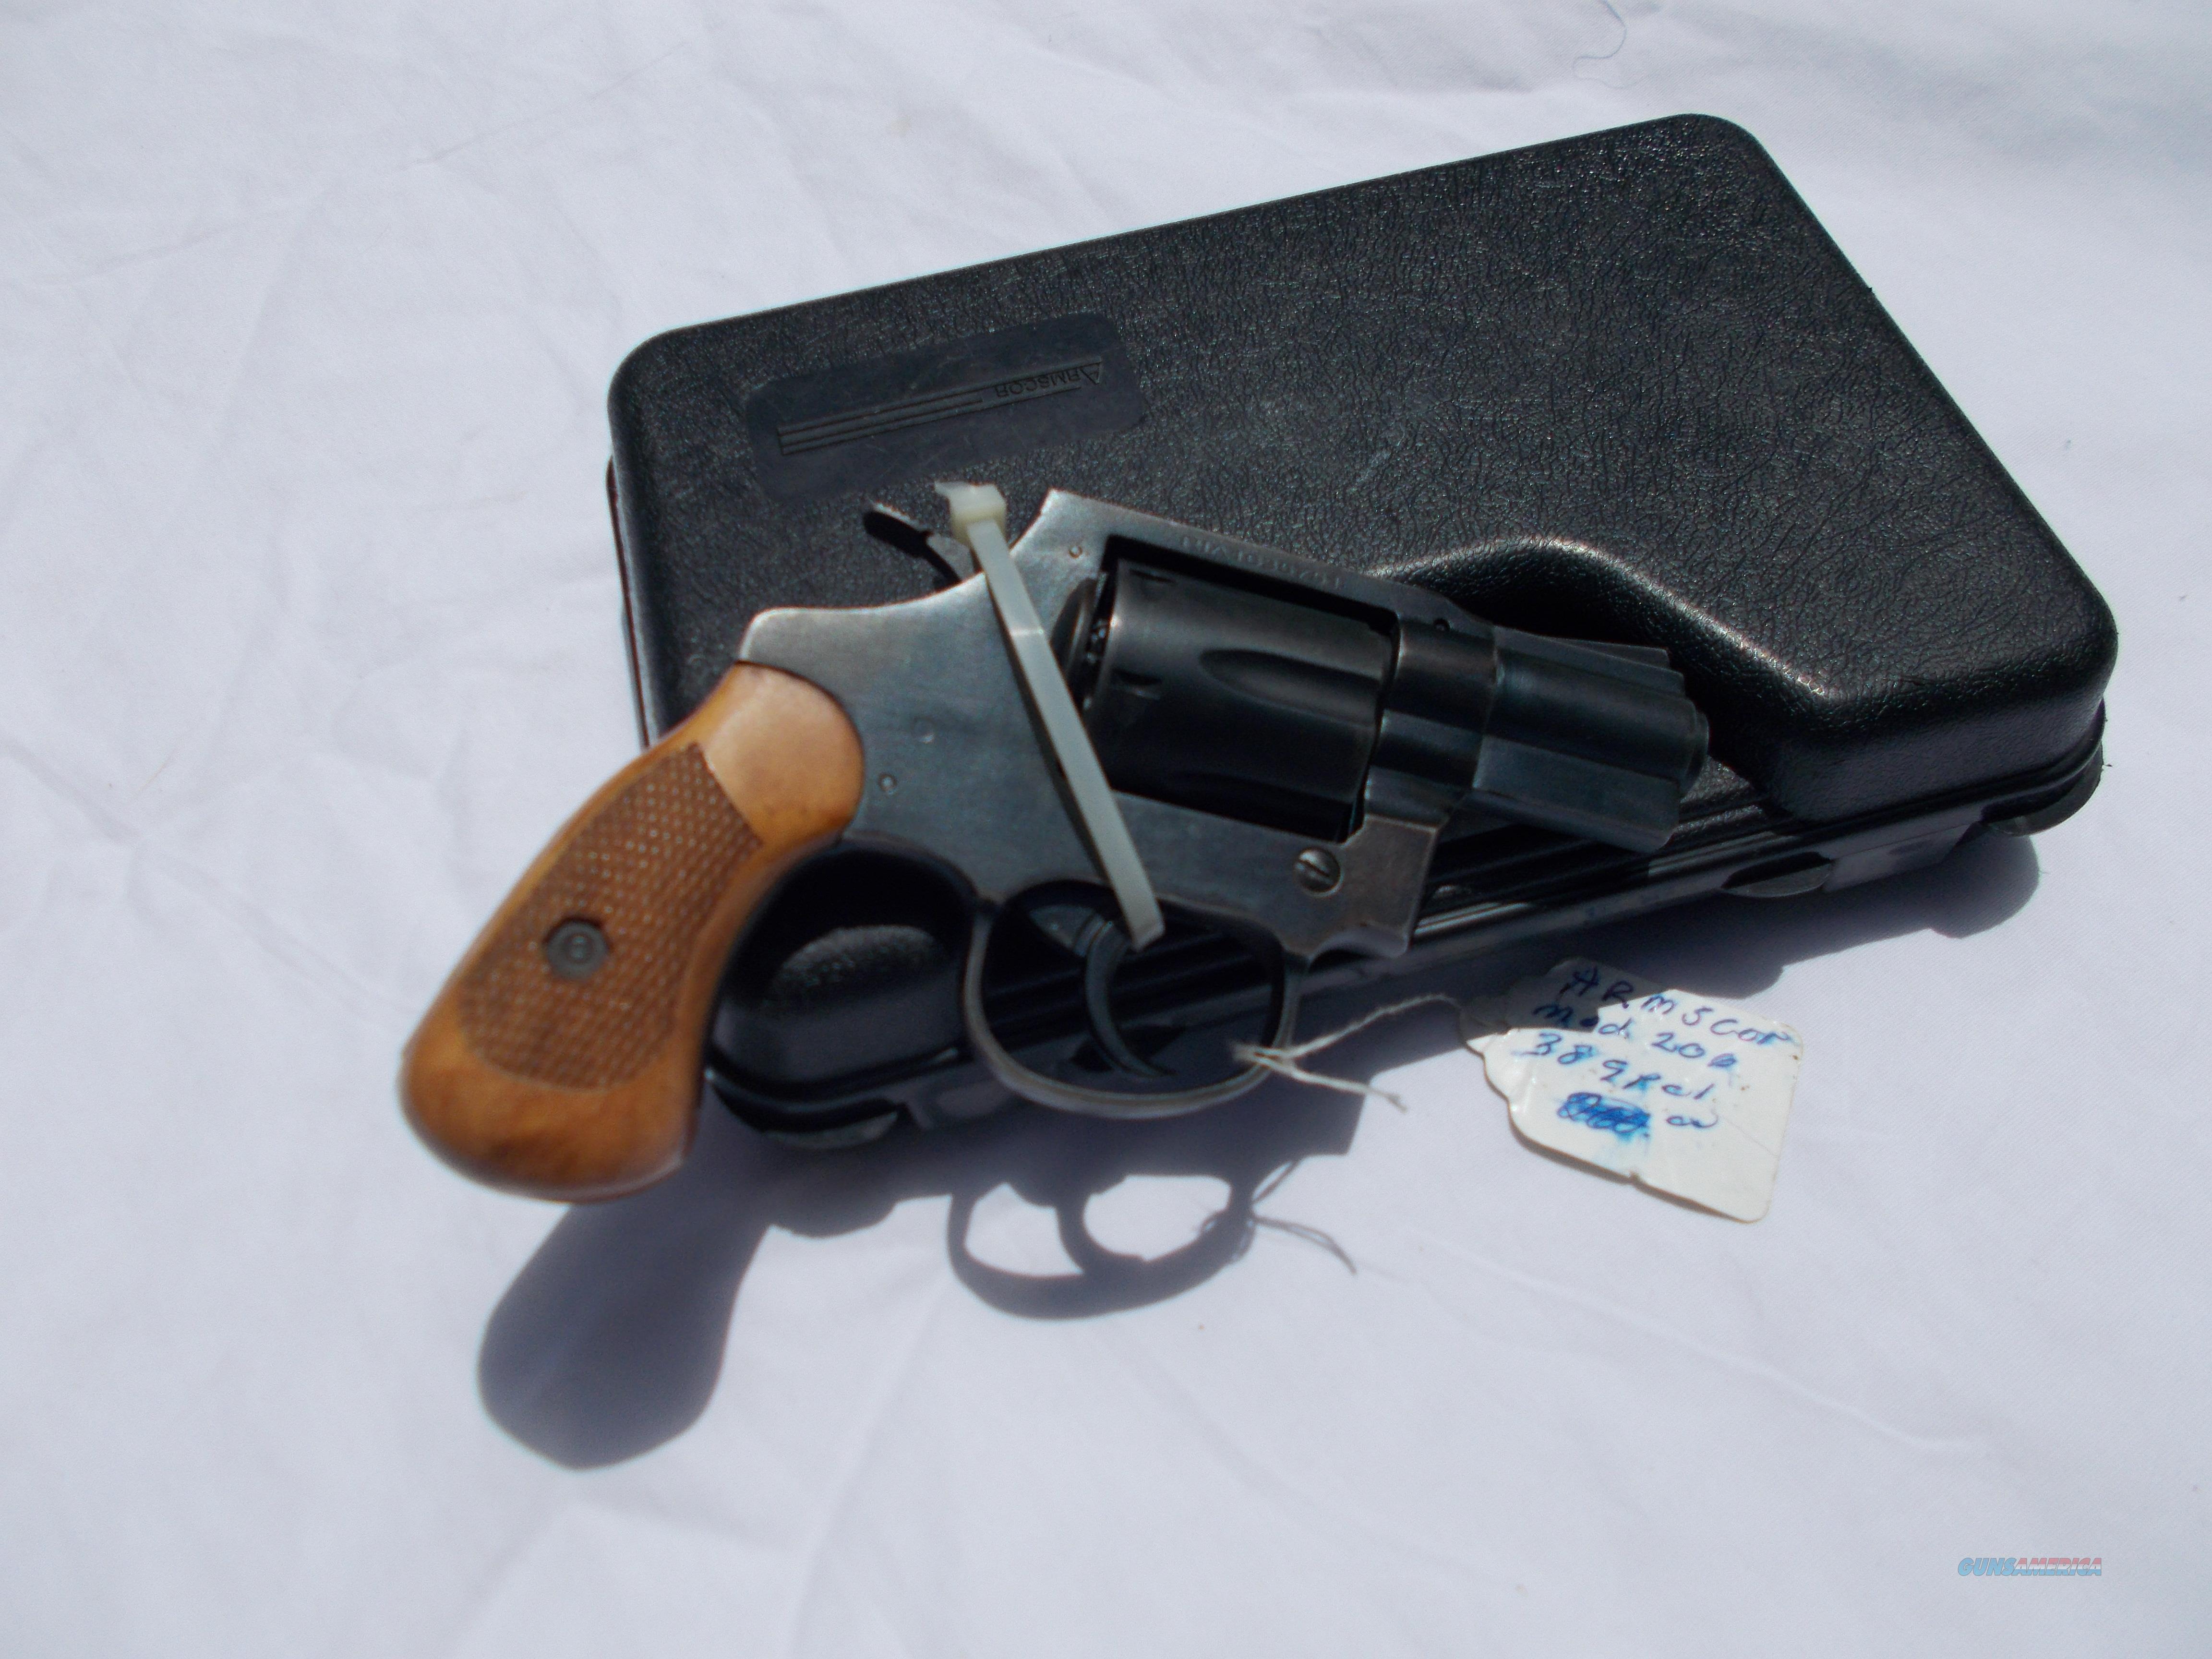 armscor model 206 38 spl  Guns > Pistols > Armalite Pistols